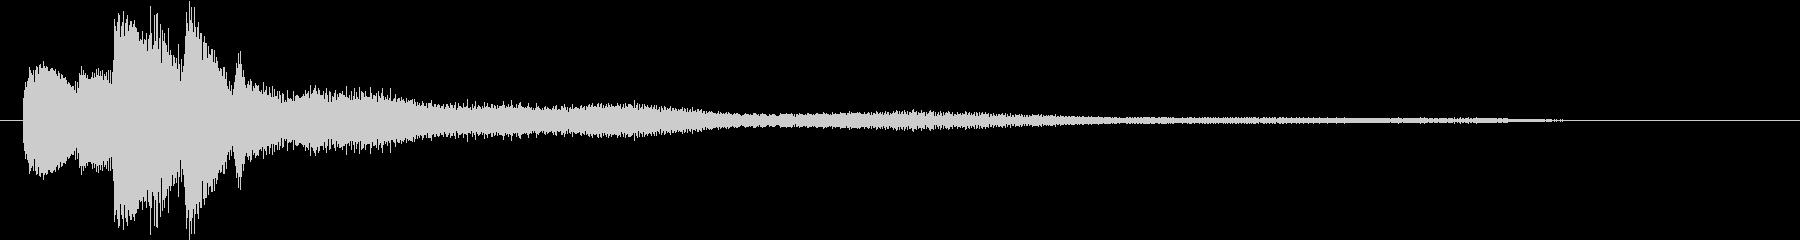 ピアノとマリンバによる分散音の未再生の波形